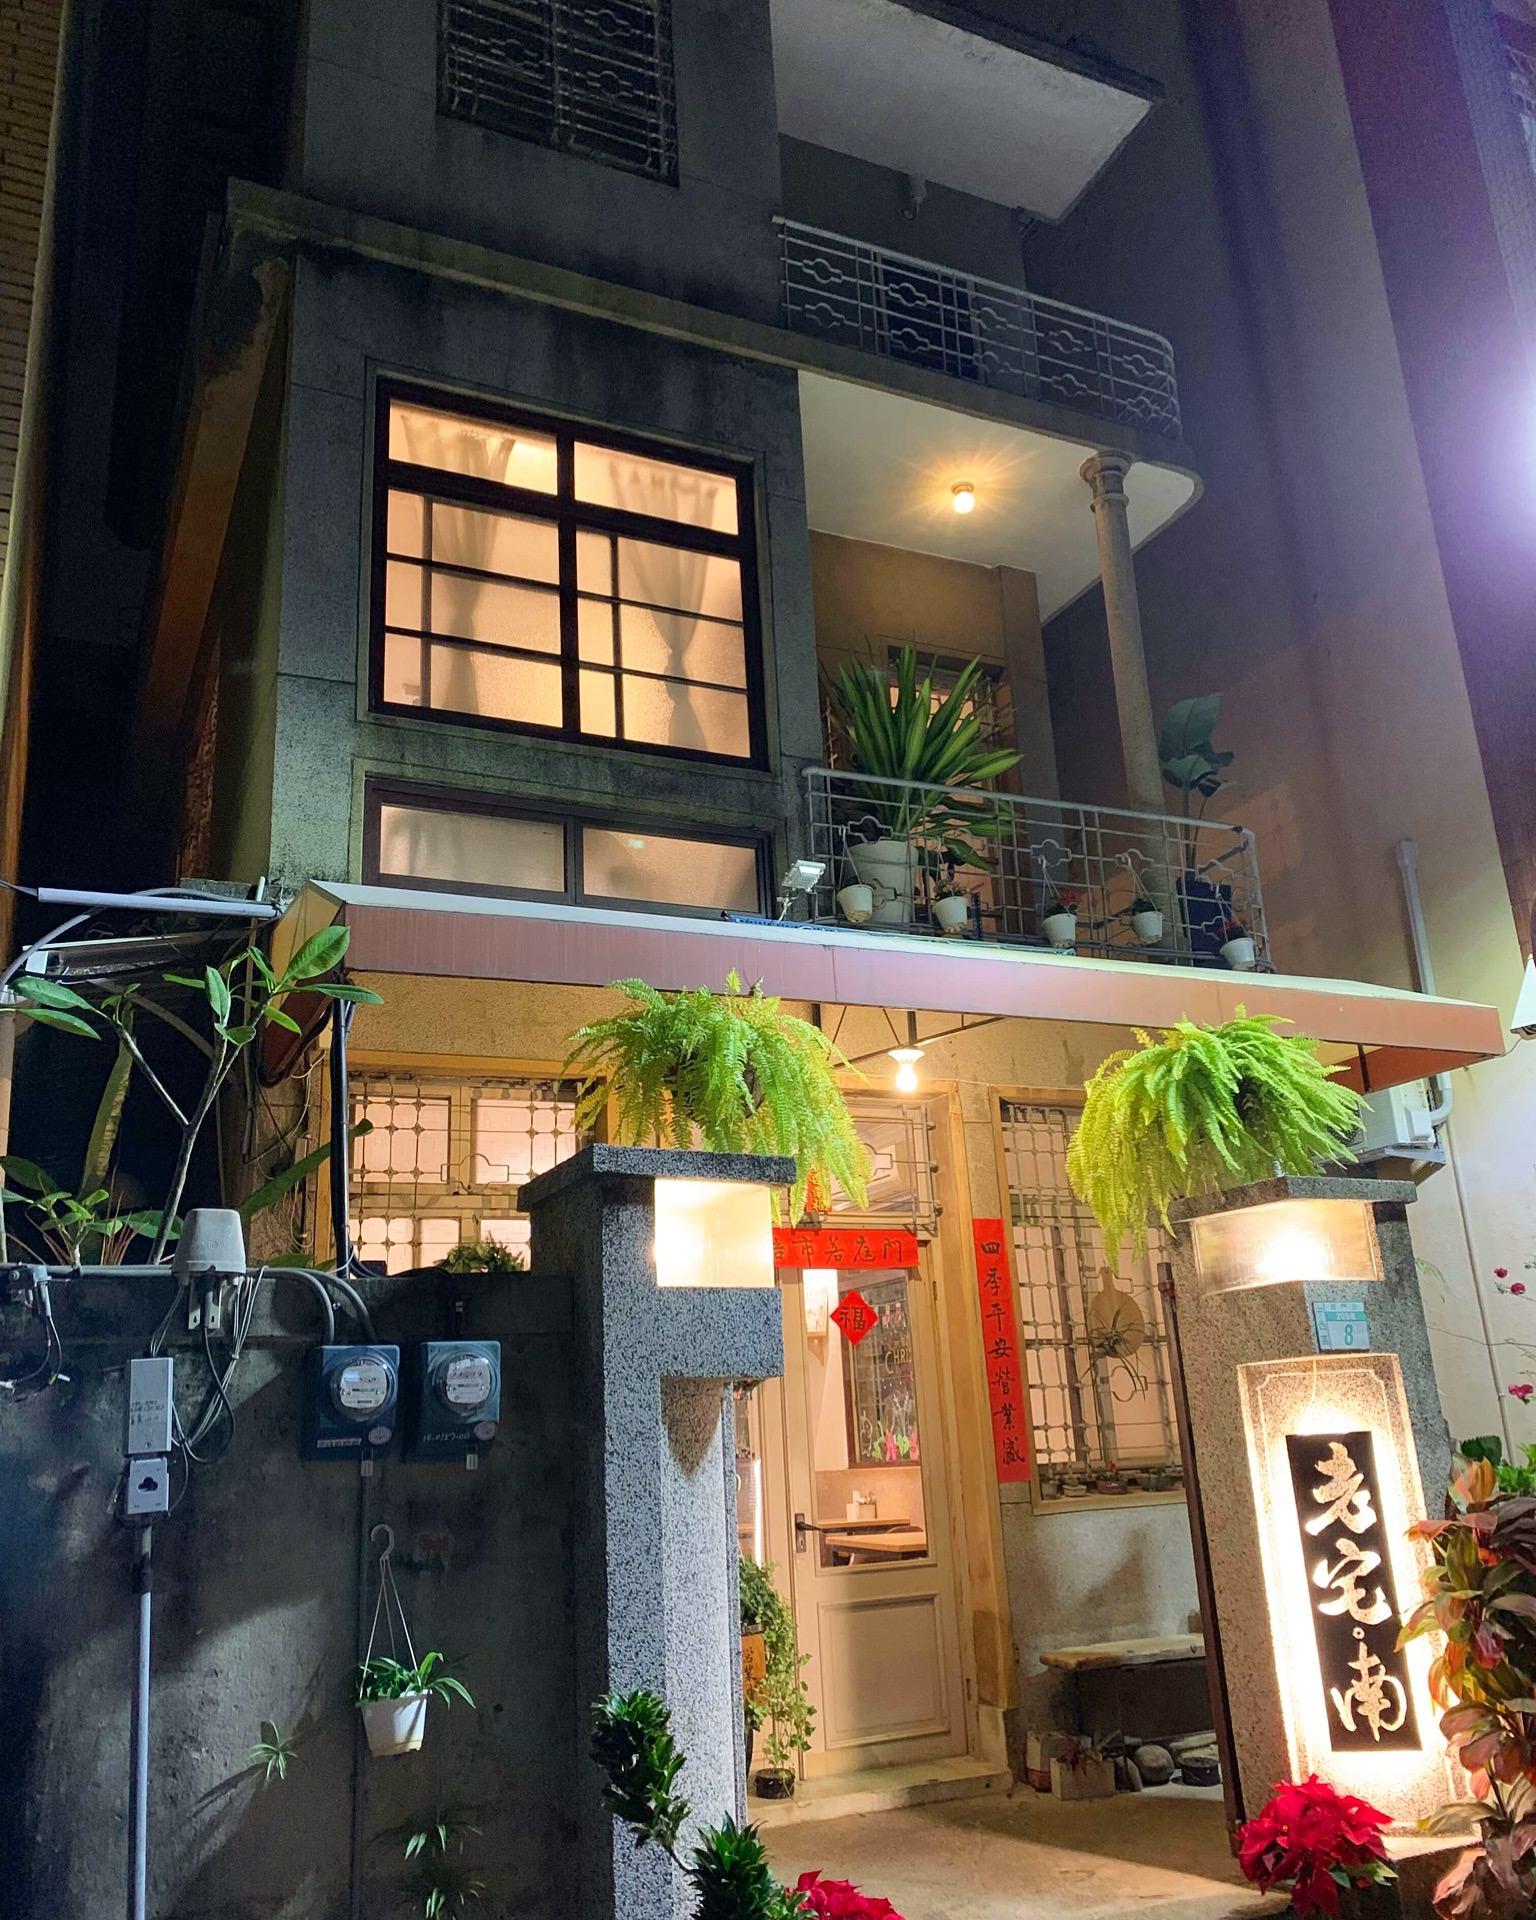 [臺南美食] 老宅·南 - 在臺南老宅吃著用心的臺南風格創意料理 - 臺北阿青的部落格